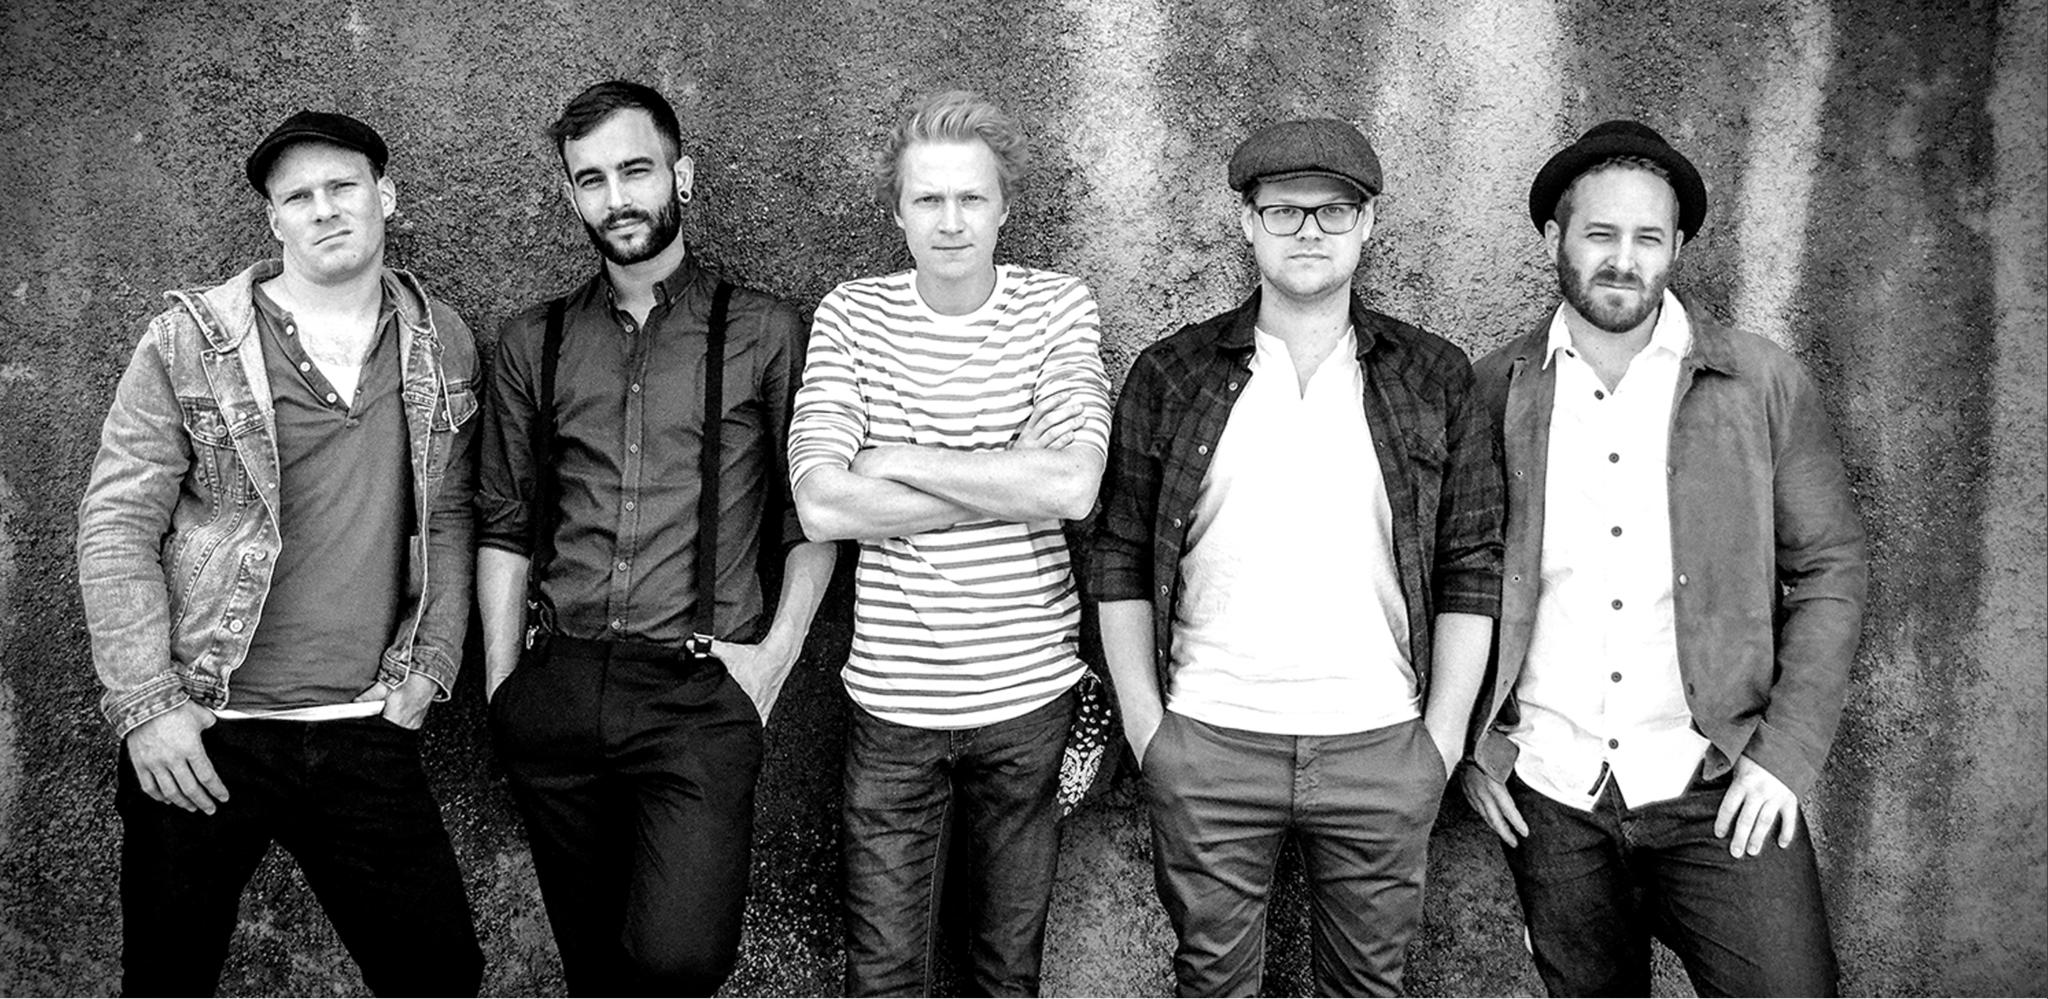 Les découvertes de Nico : Fäaschtbänkler, un groupe suisse Pop folklorique drôle et fabuleux !